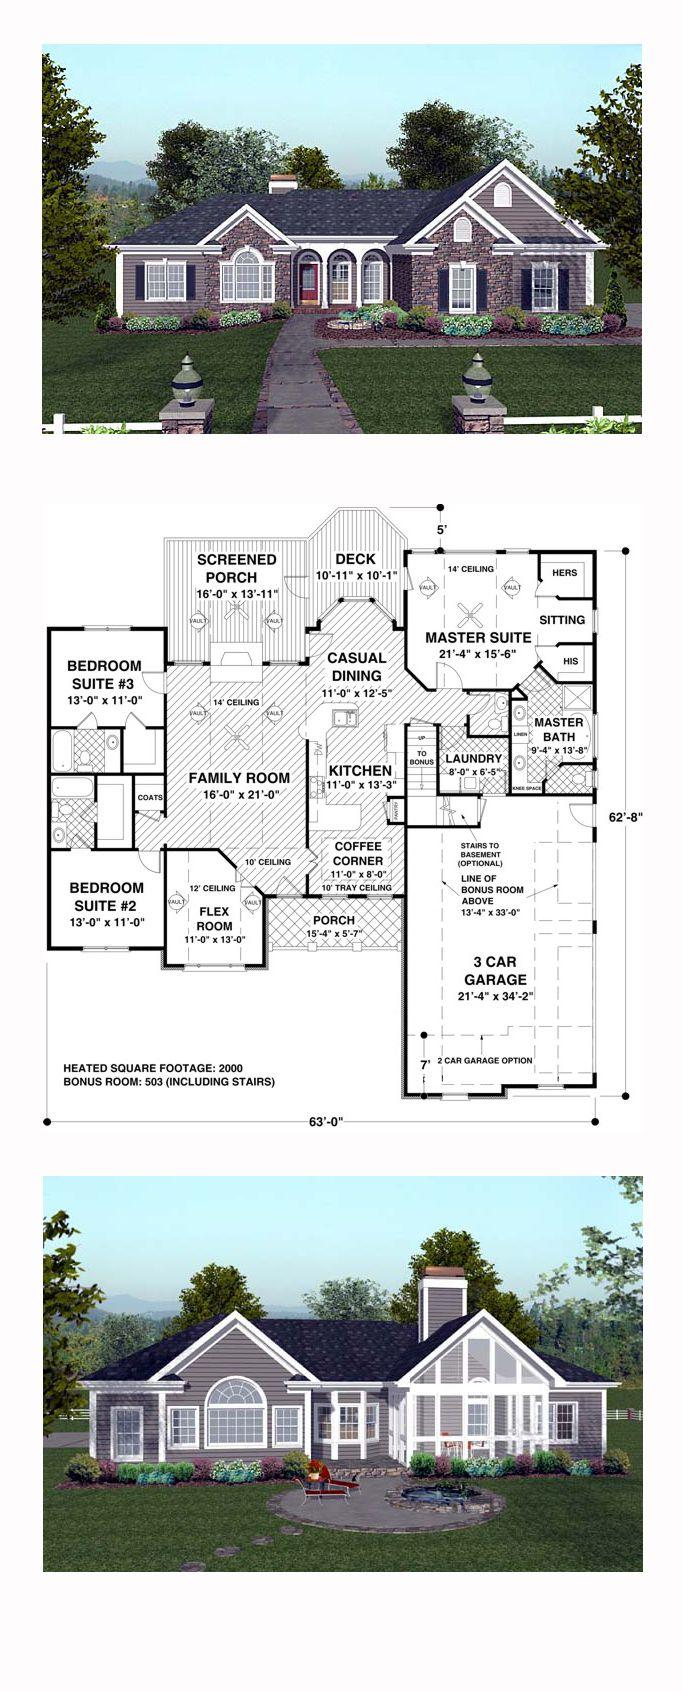 Craftsman ranch house plan 74811